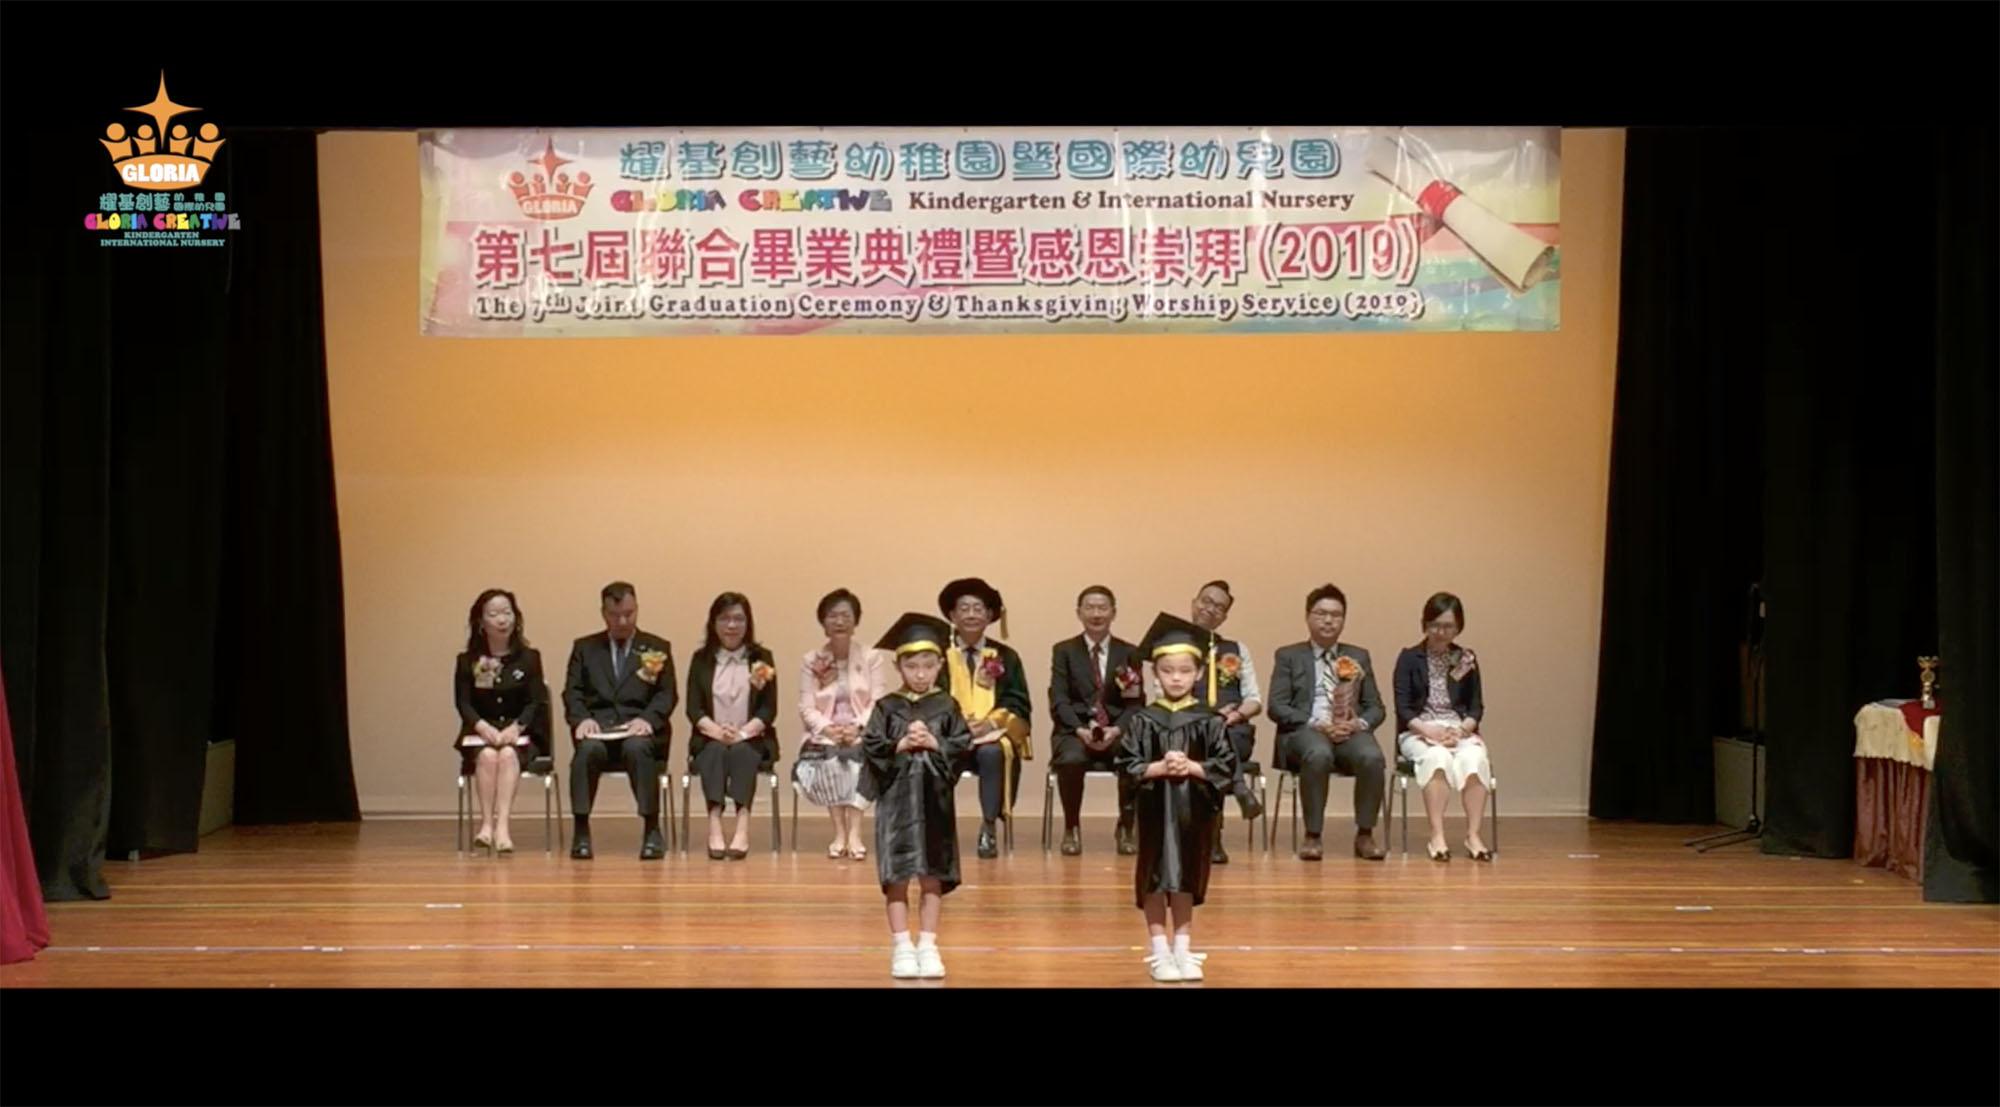 [Translate]      2019年6月20日,本園舉行第七屆聯合畢業典禮暨感恩崇拜。 這是畢業生致謝辭片段。